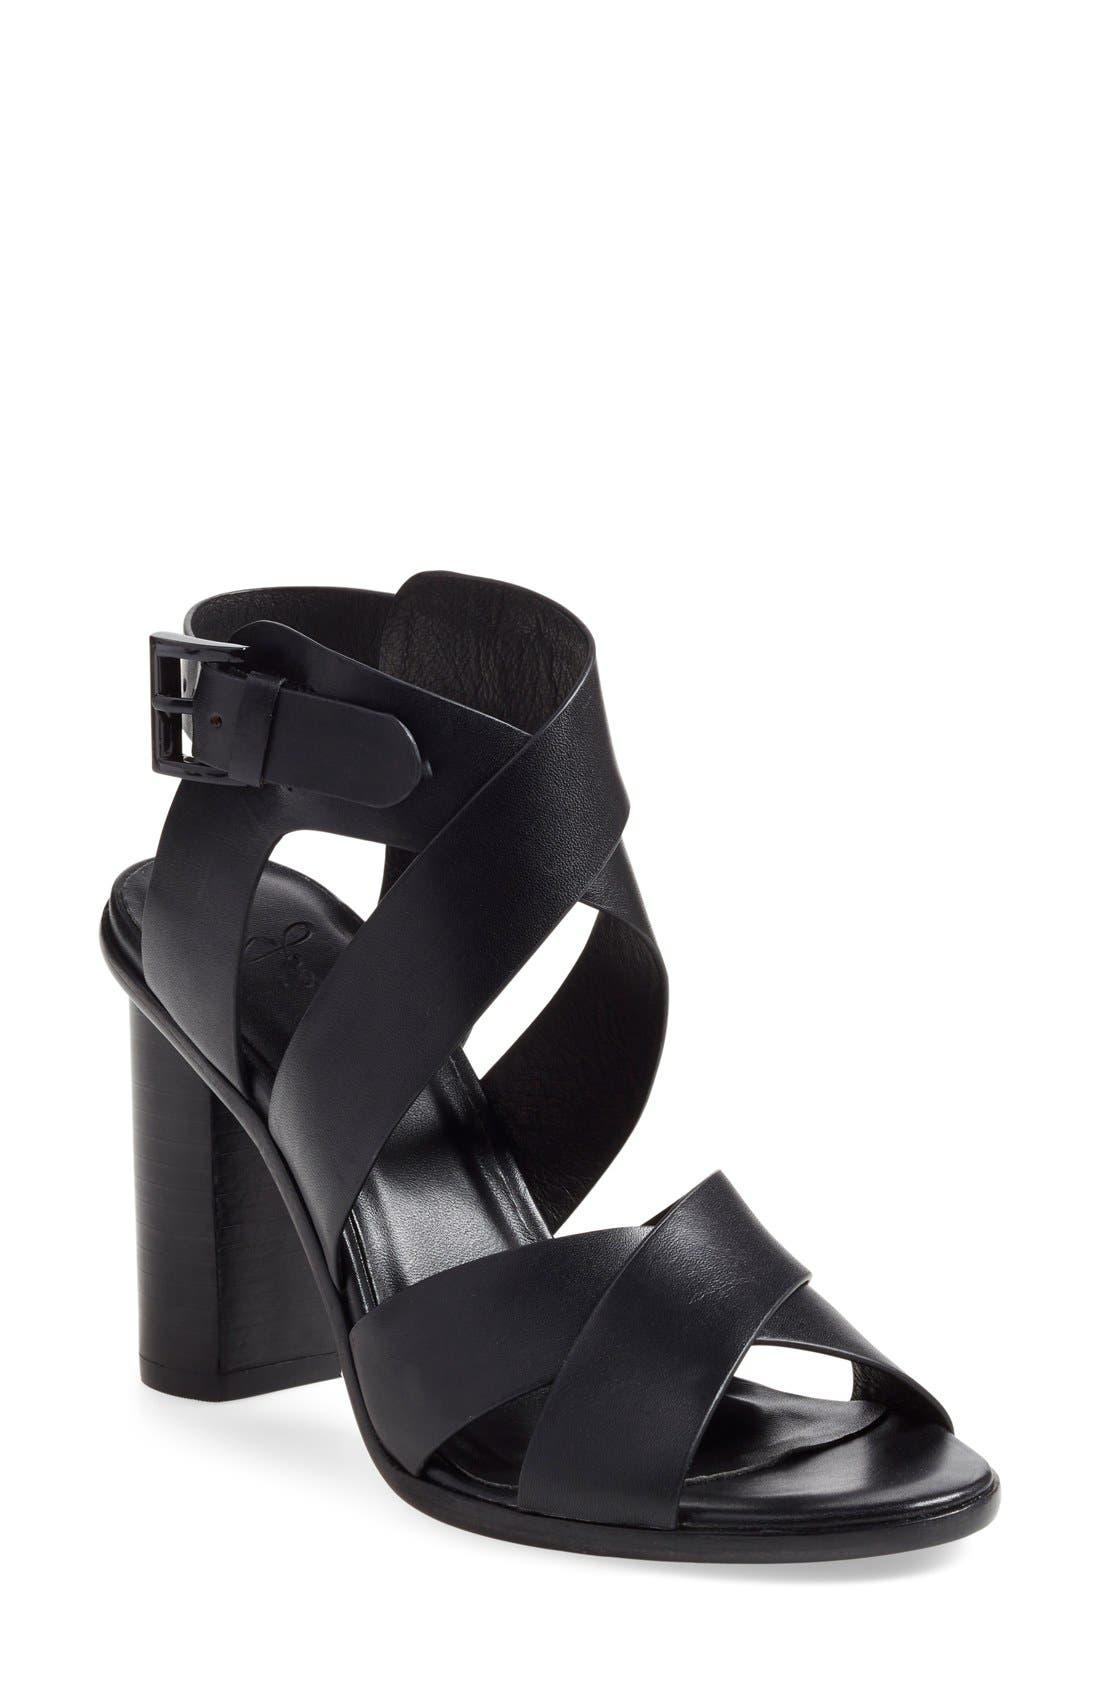 Alternate Image 1 Selected - Joie 'Avery' Crisscross Block Heel Sandal (Women)